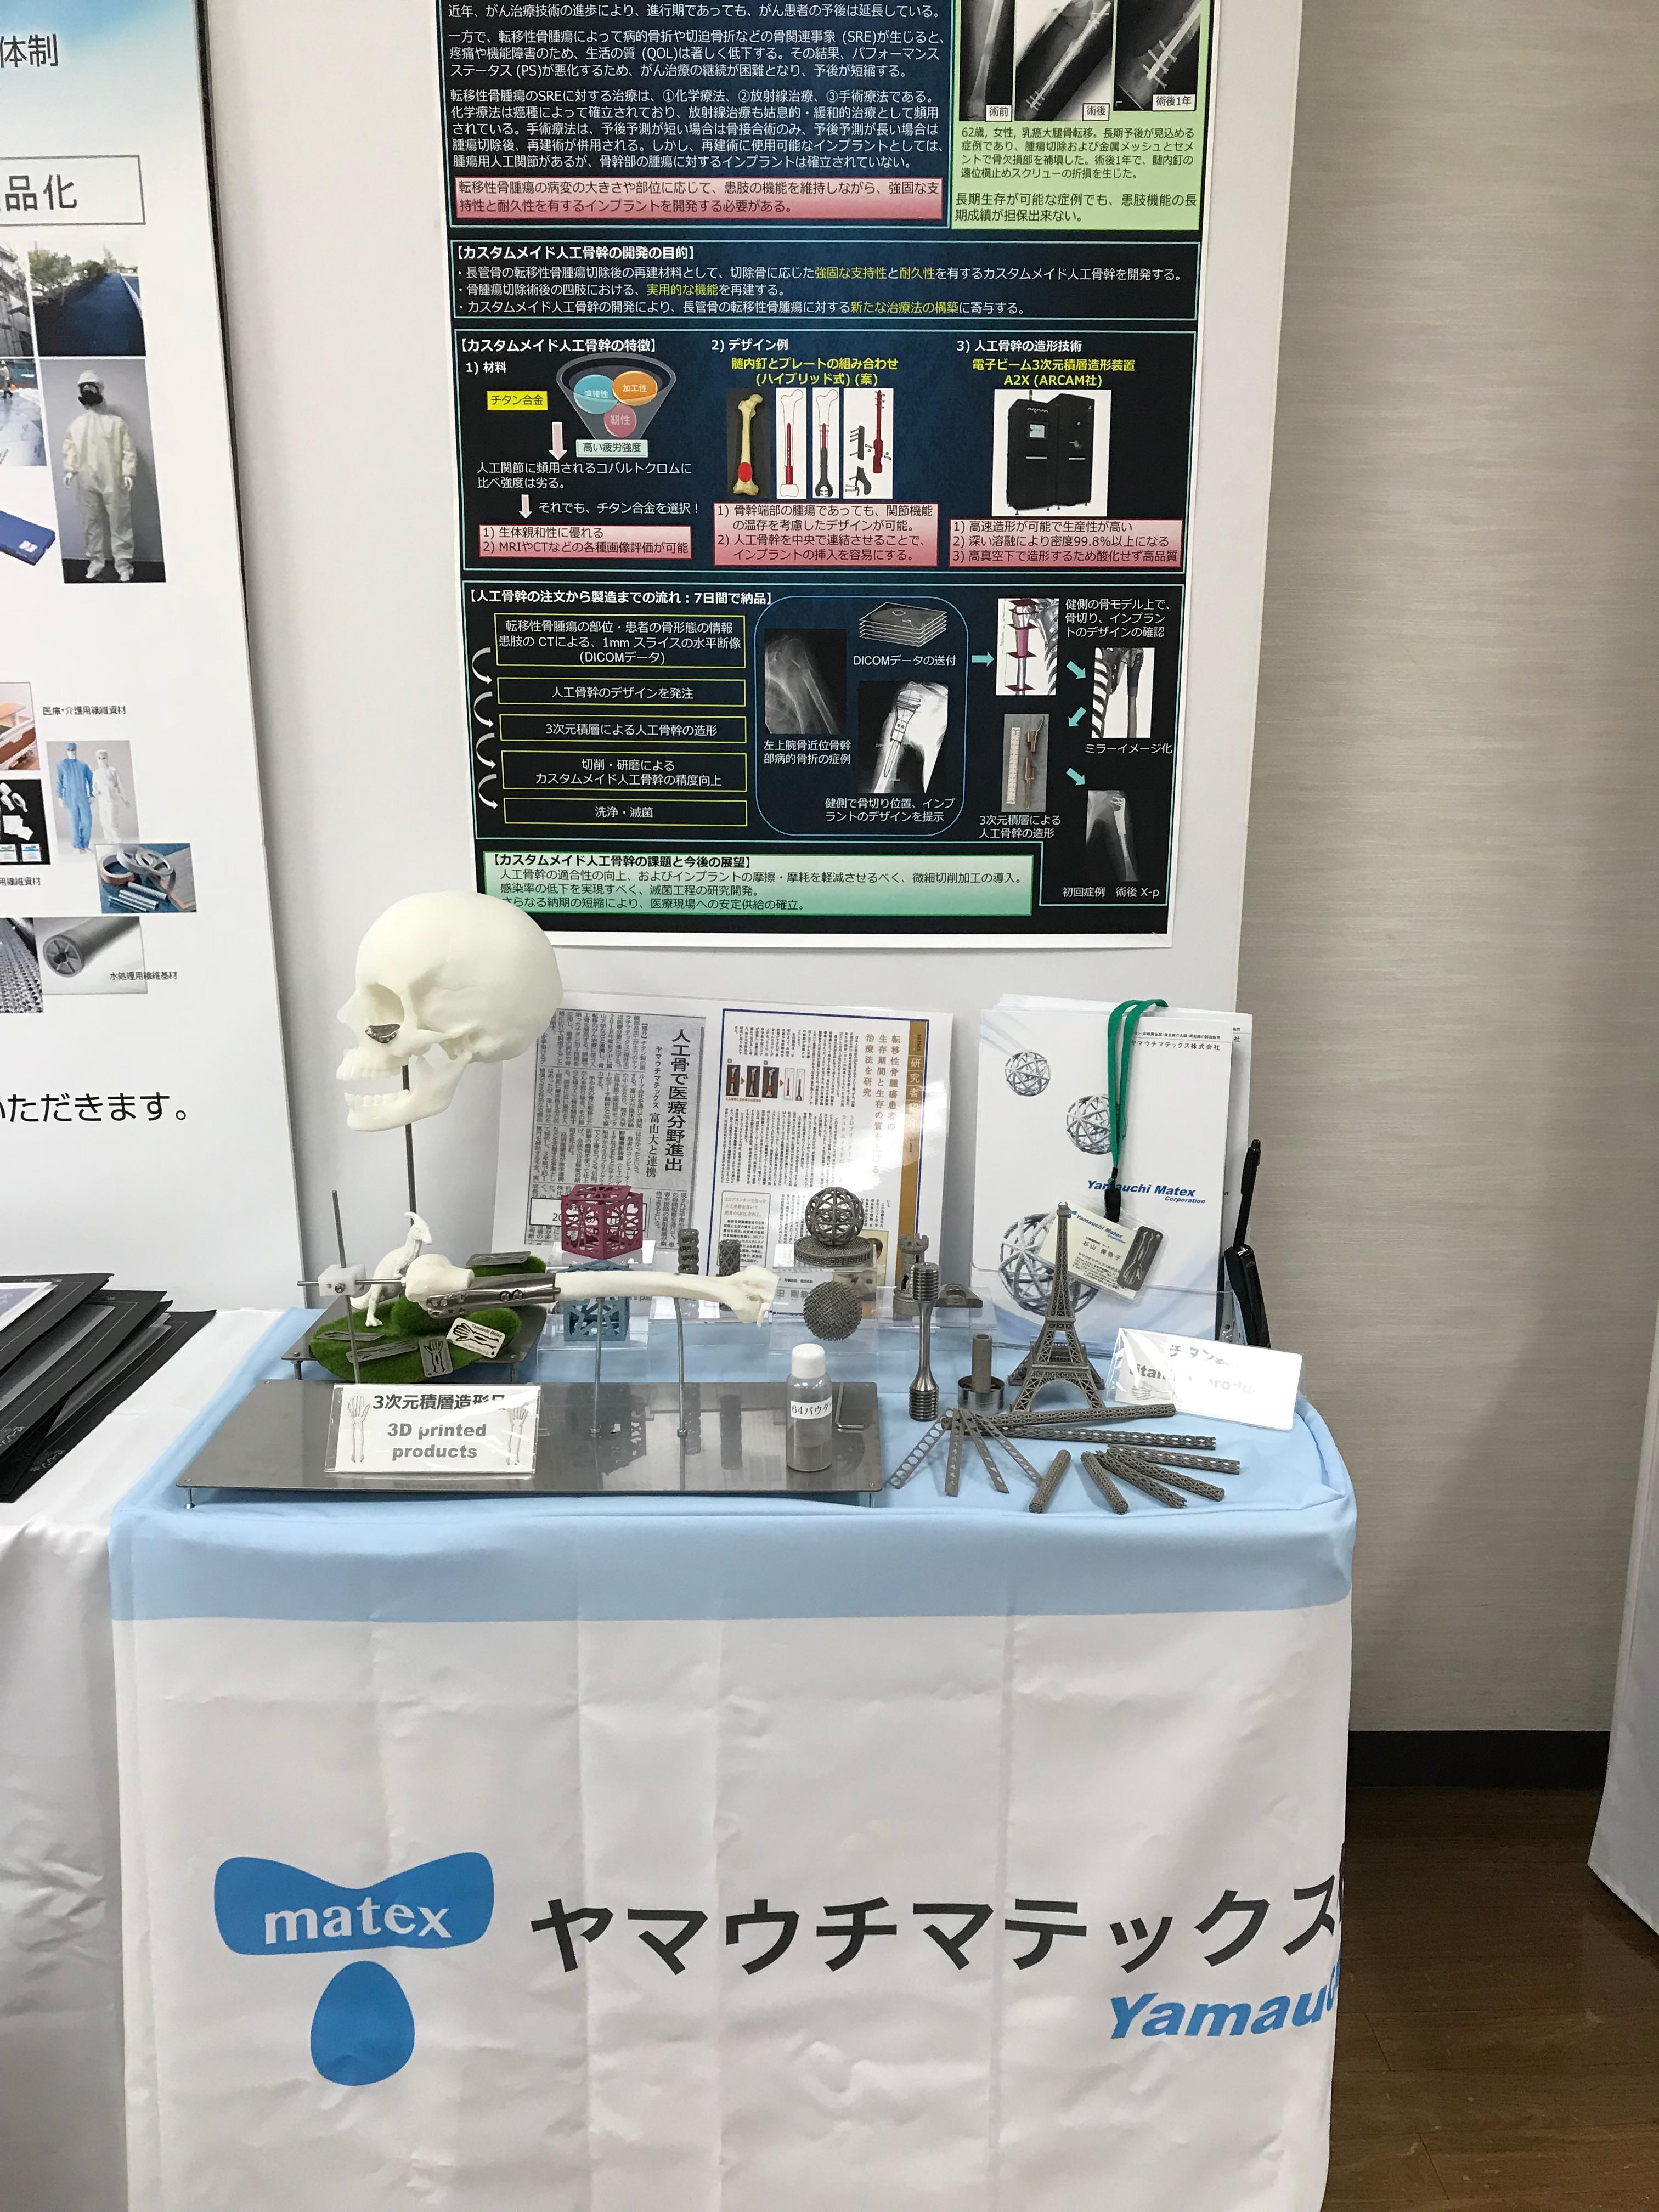 福井県 本郷展示商談会